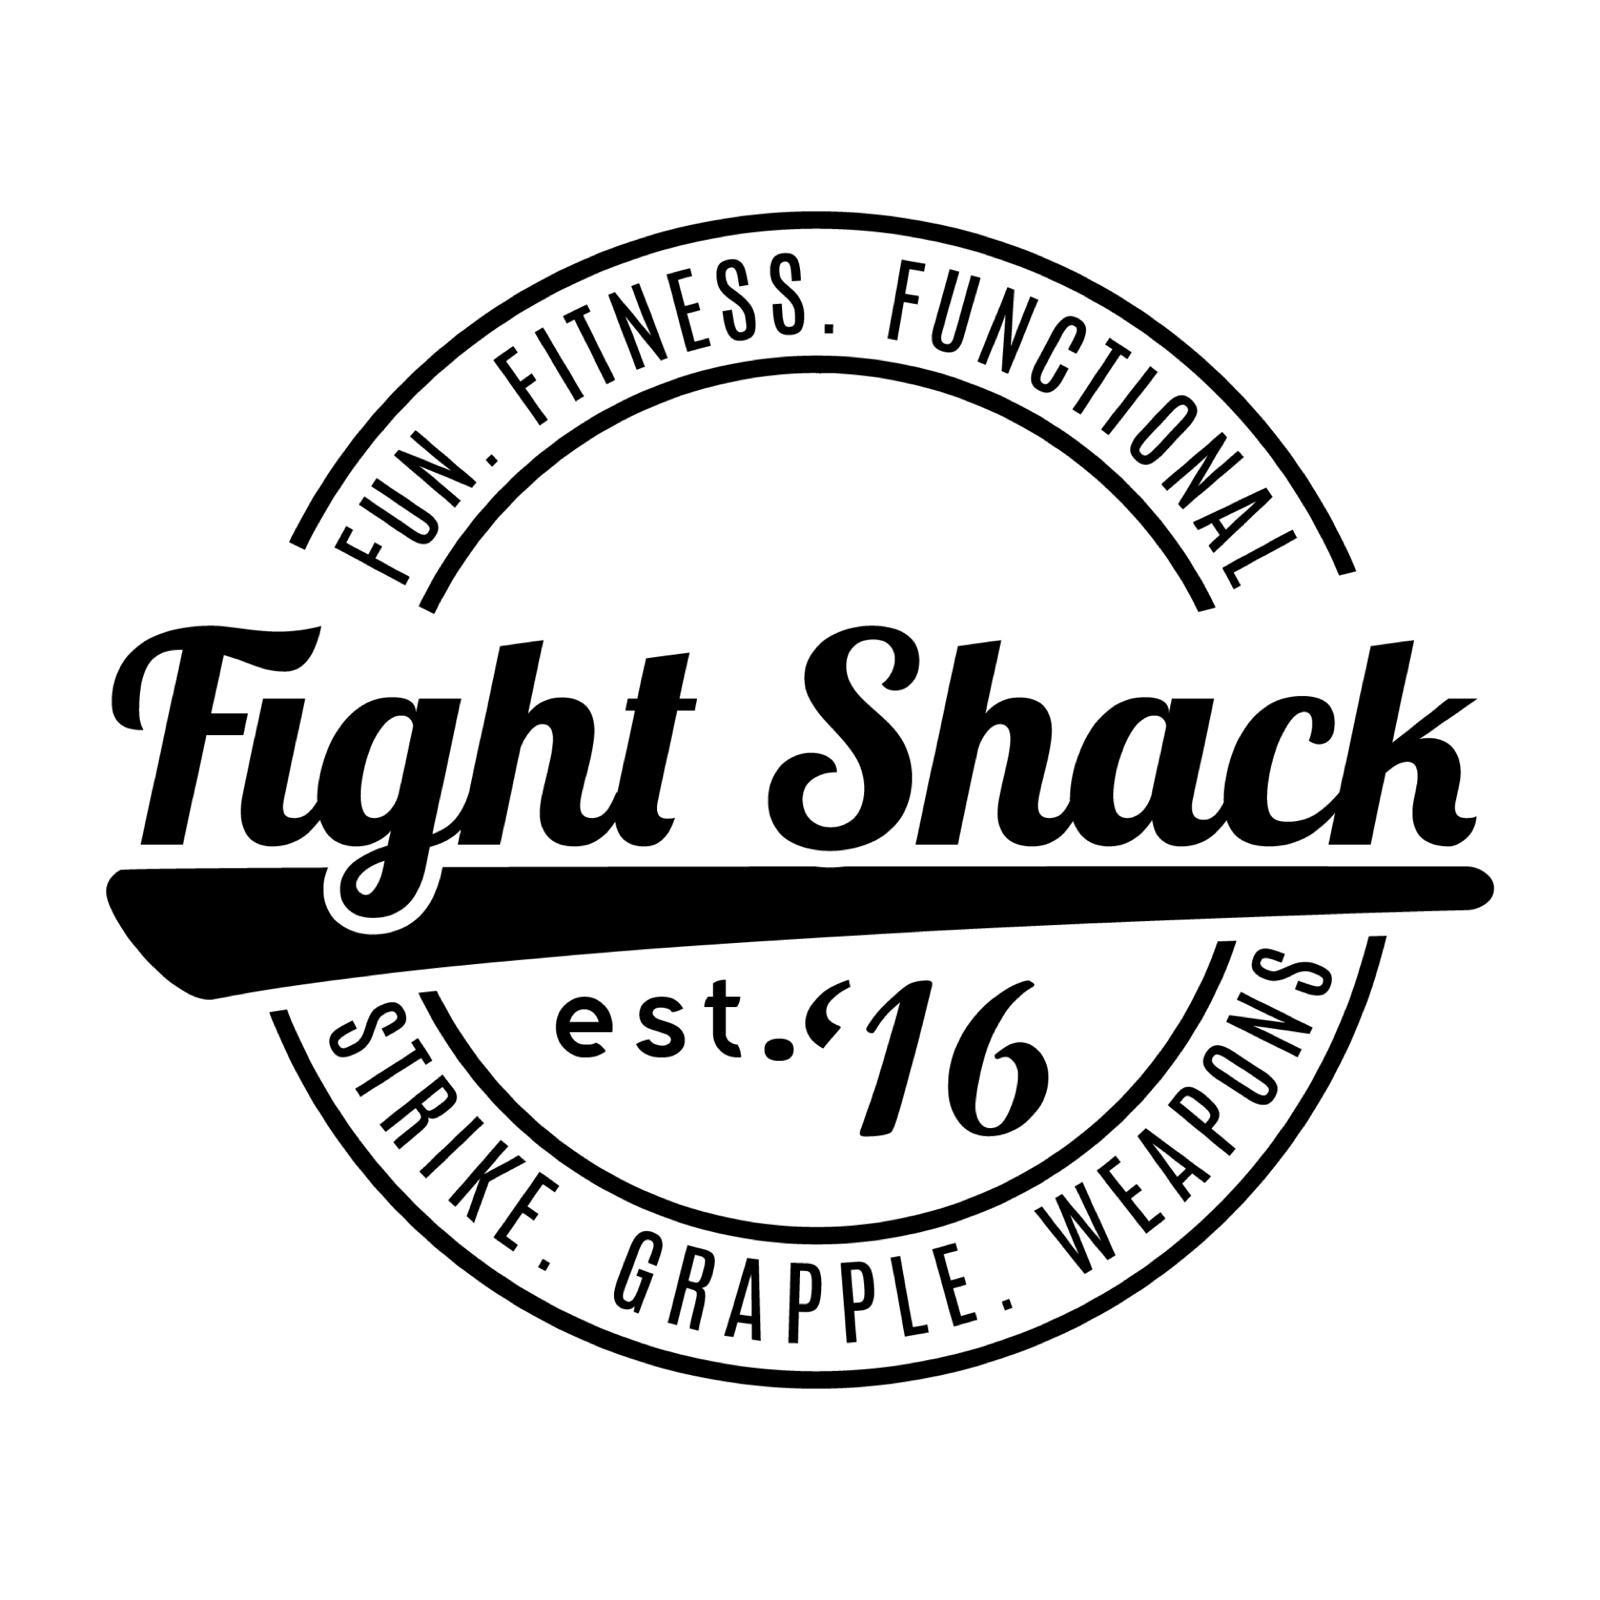 Fight Shack Martial Arts Cross Training